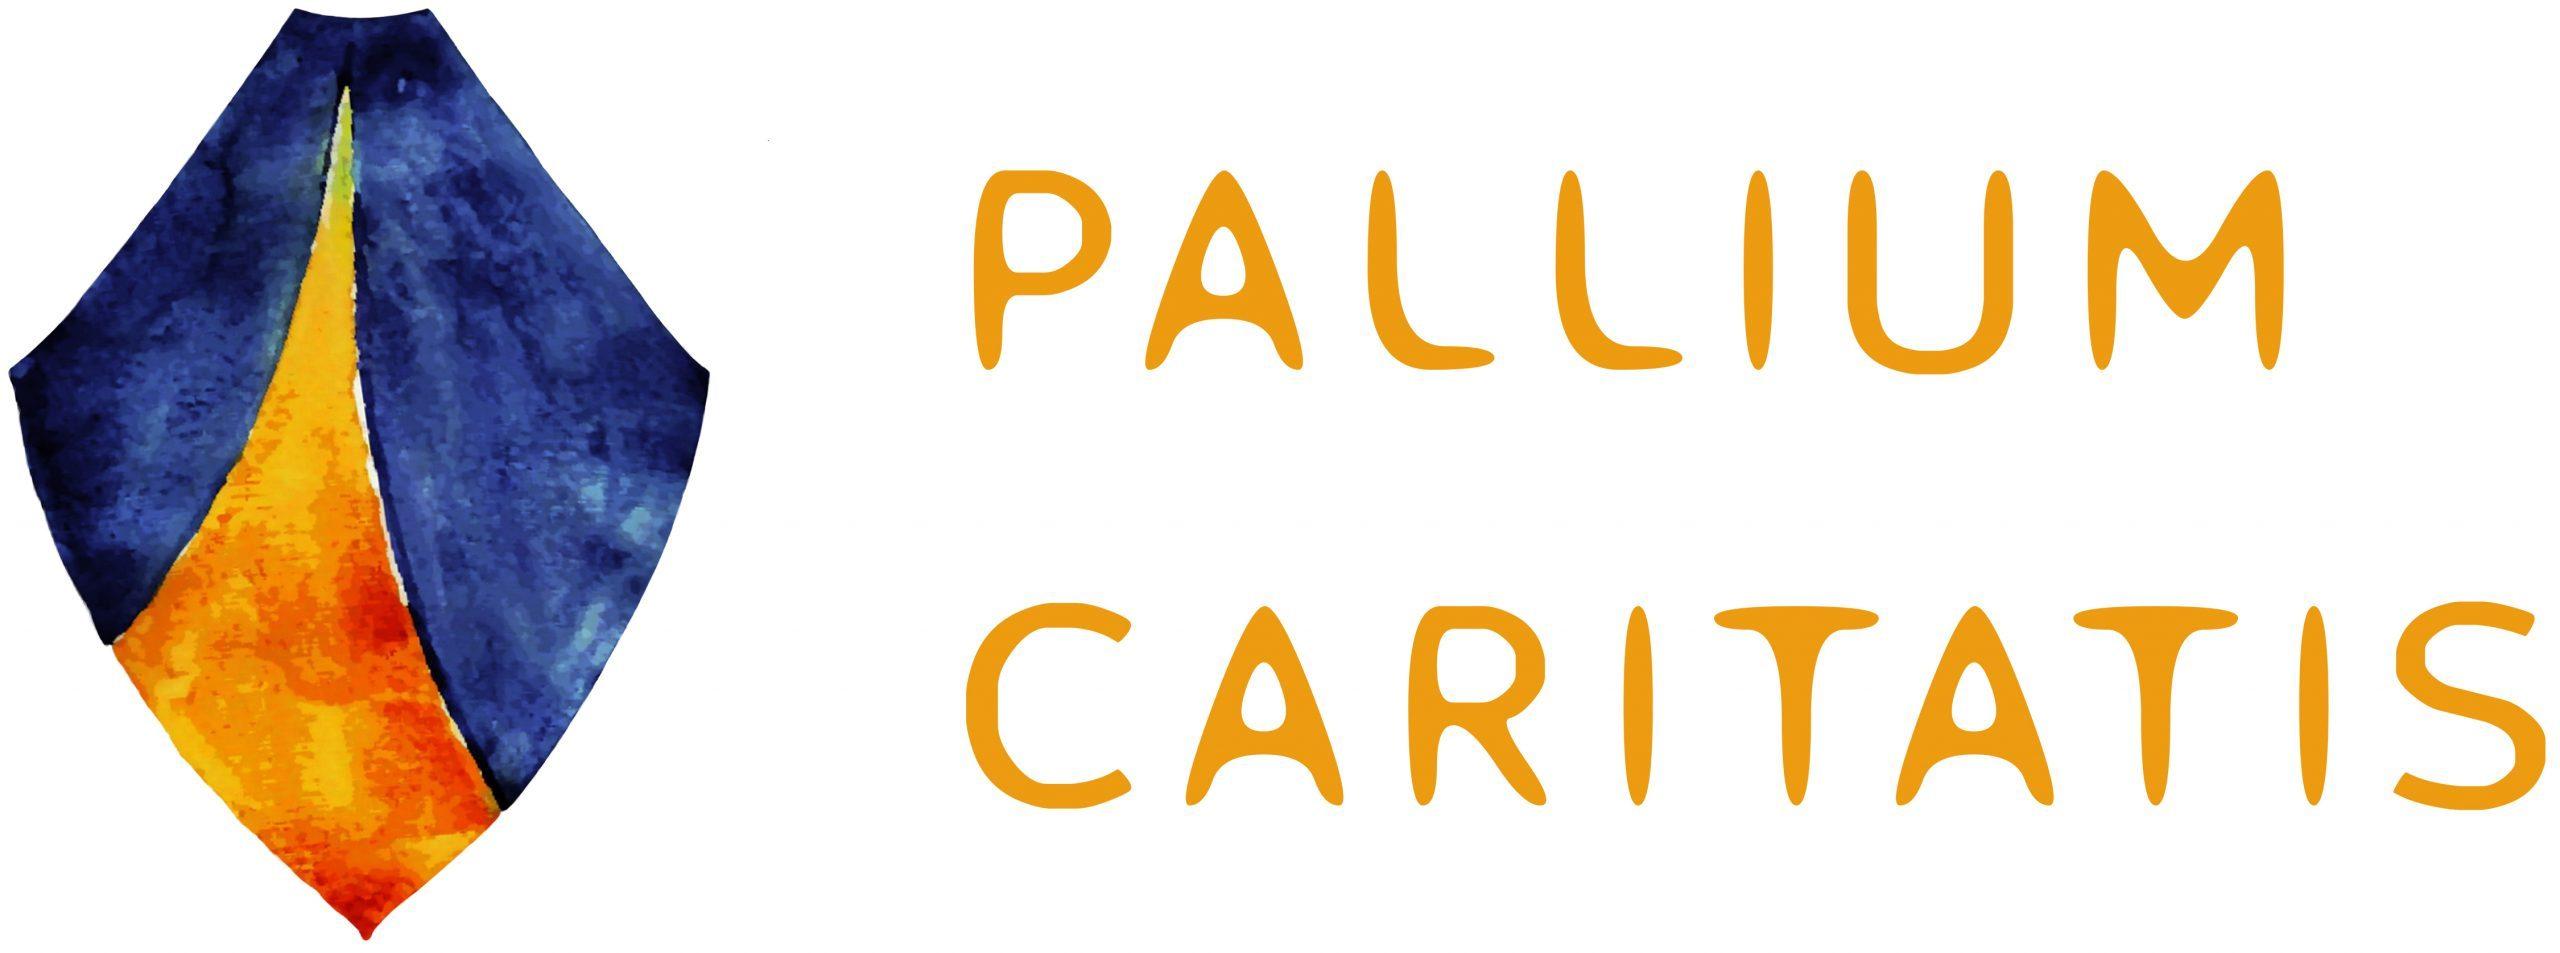 Pallium Caritatis